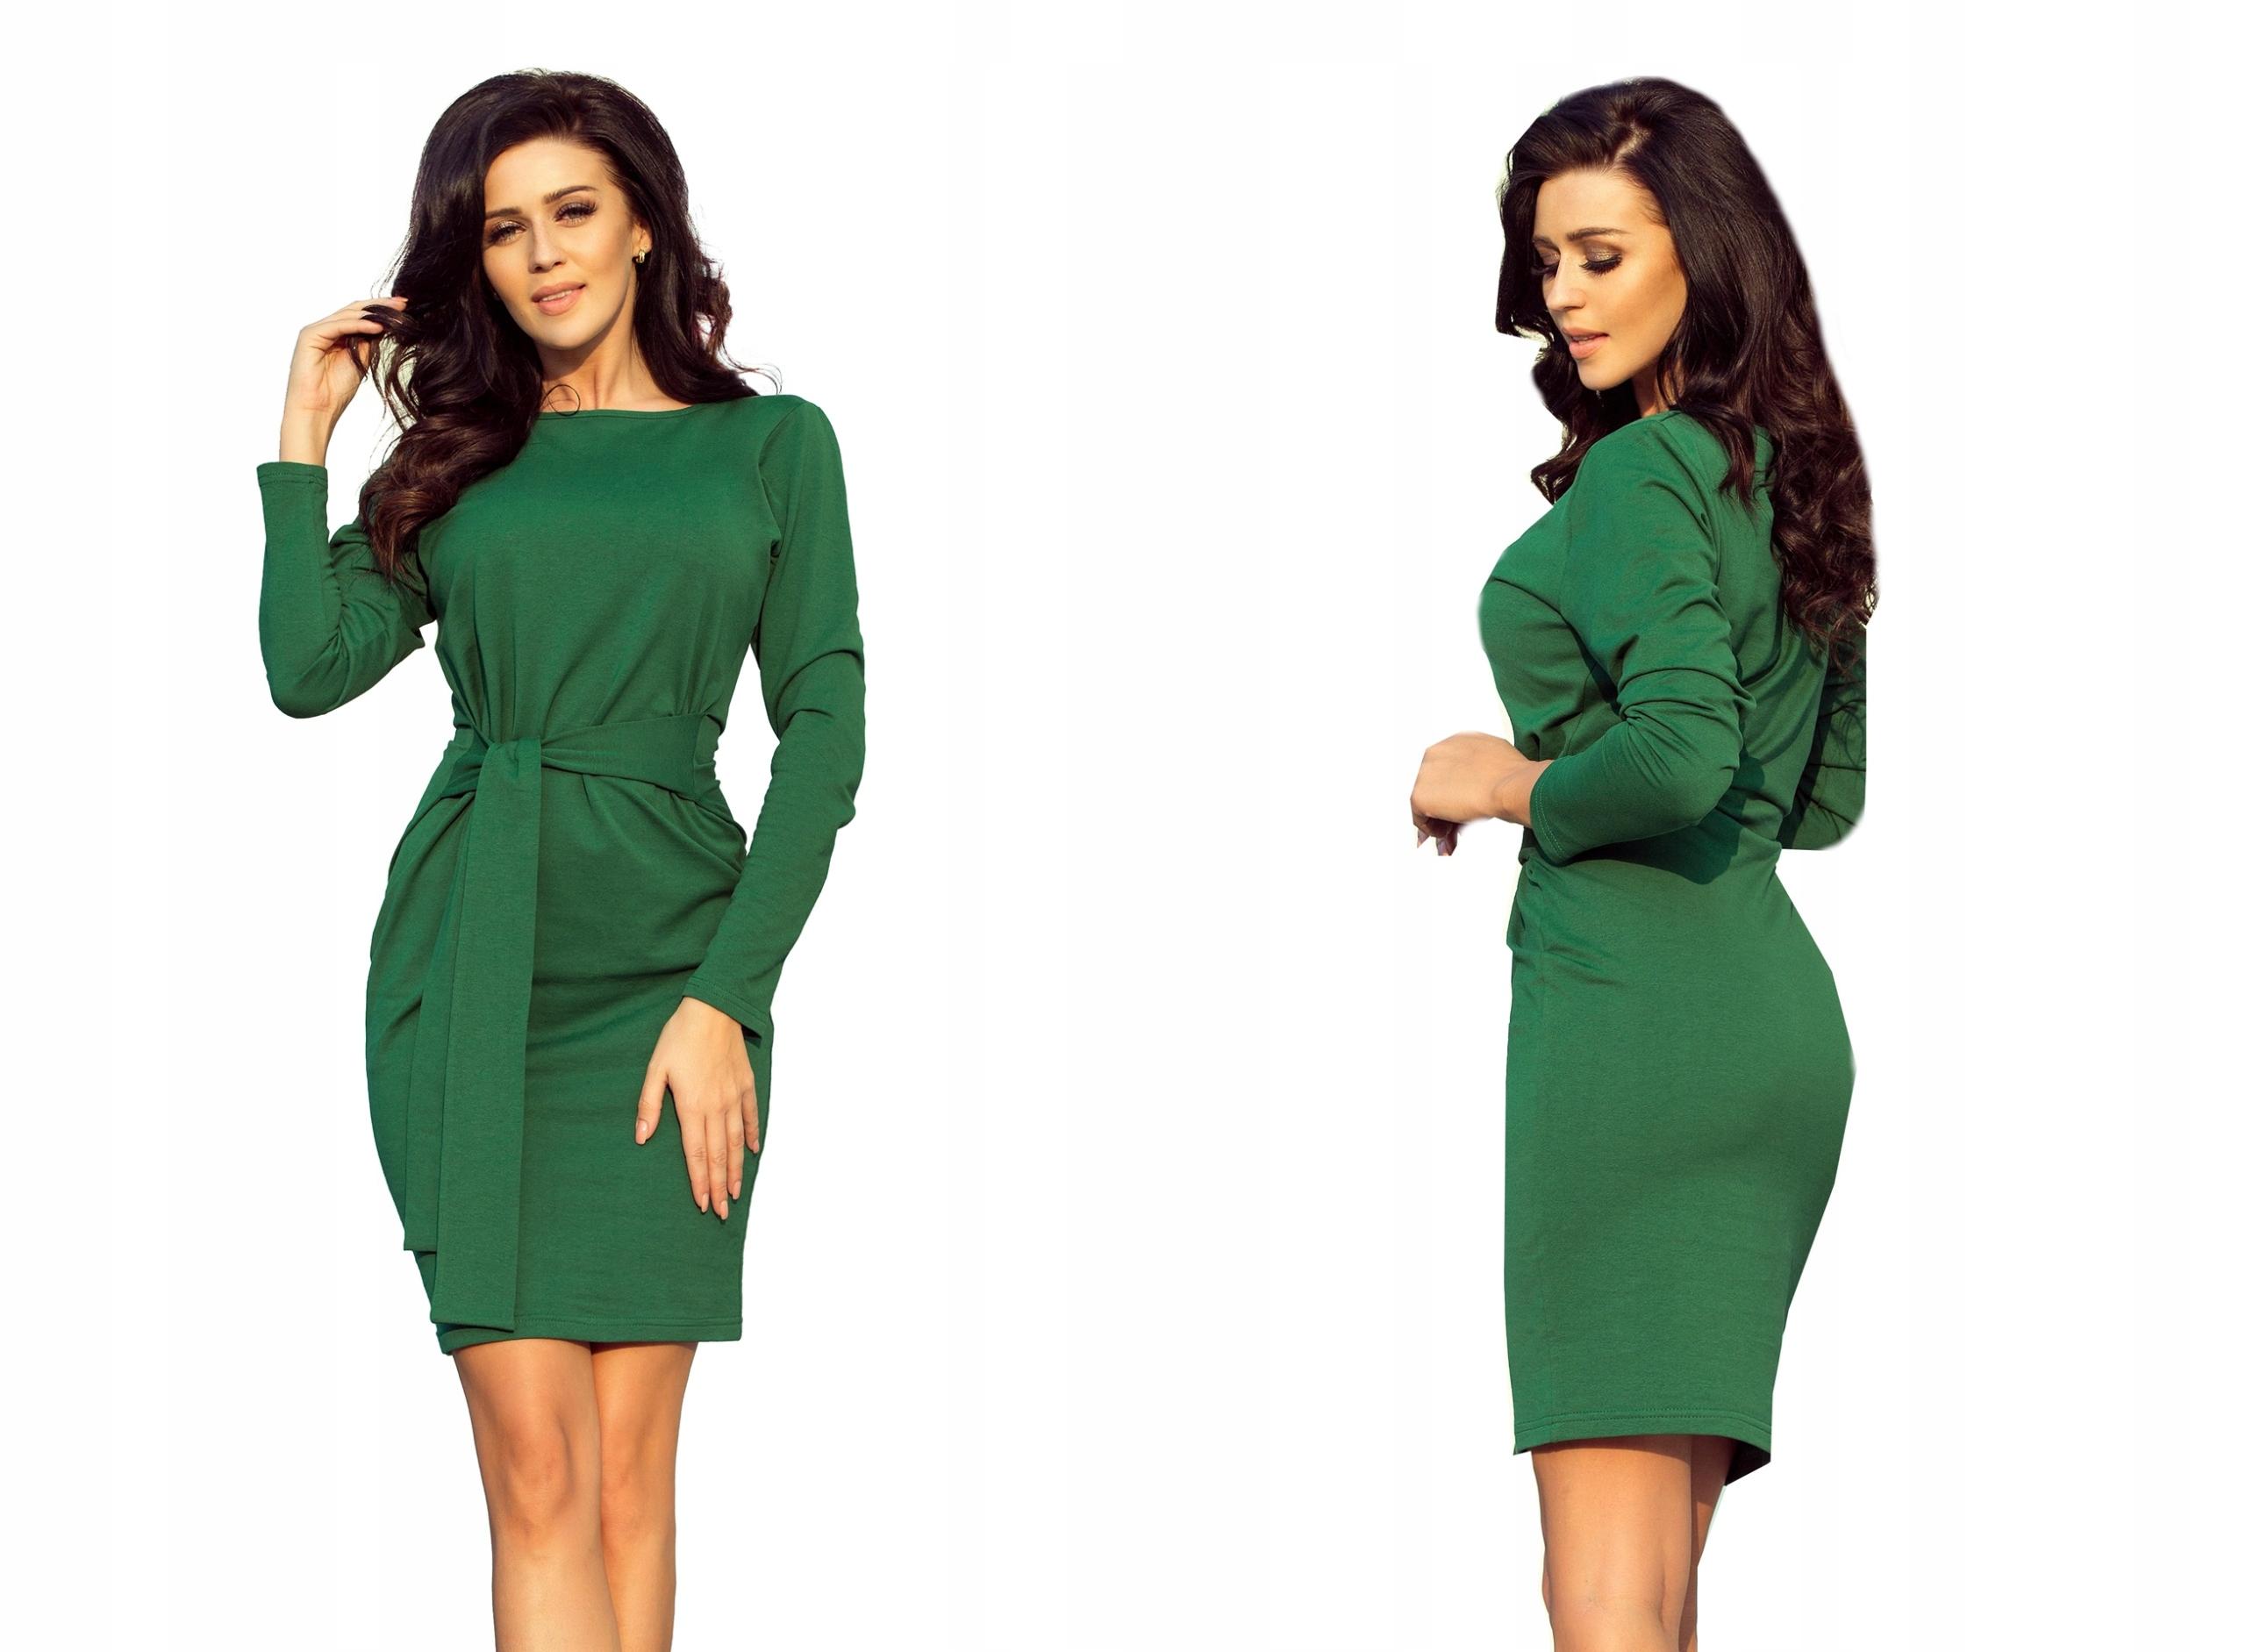 Dresowa Elegancka Sukienka Do Pracy 209-2 XXL 44